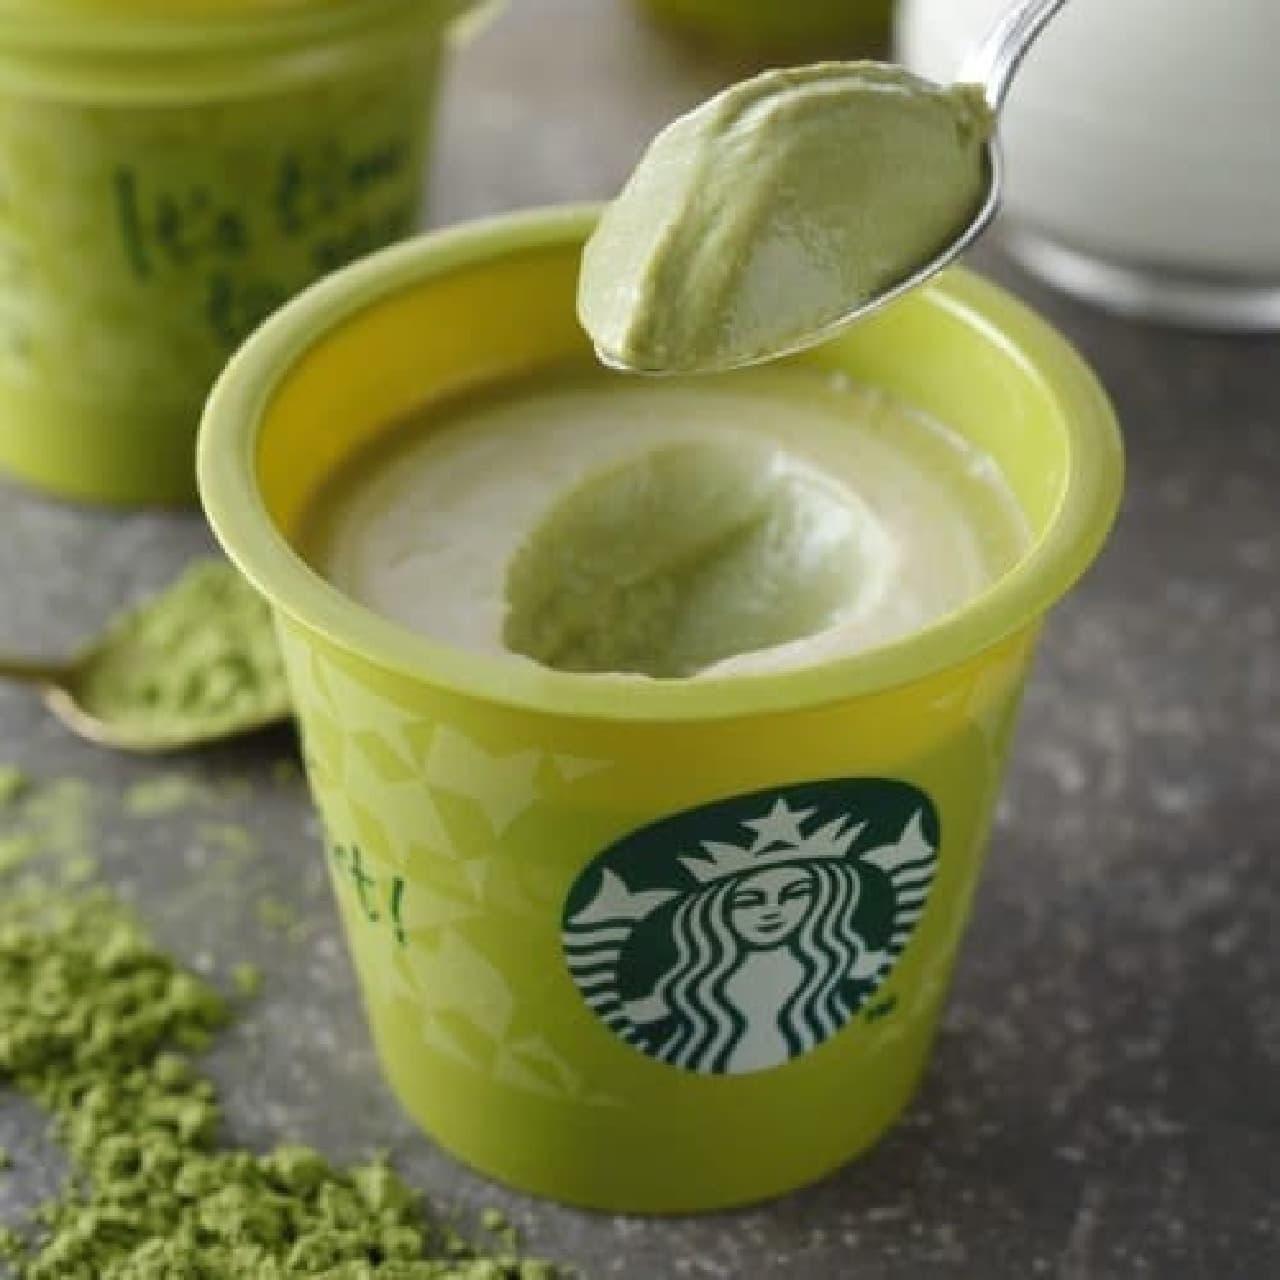 スターバックス コーヒー「抹茶クリームプリン」